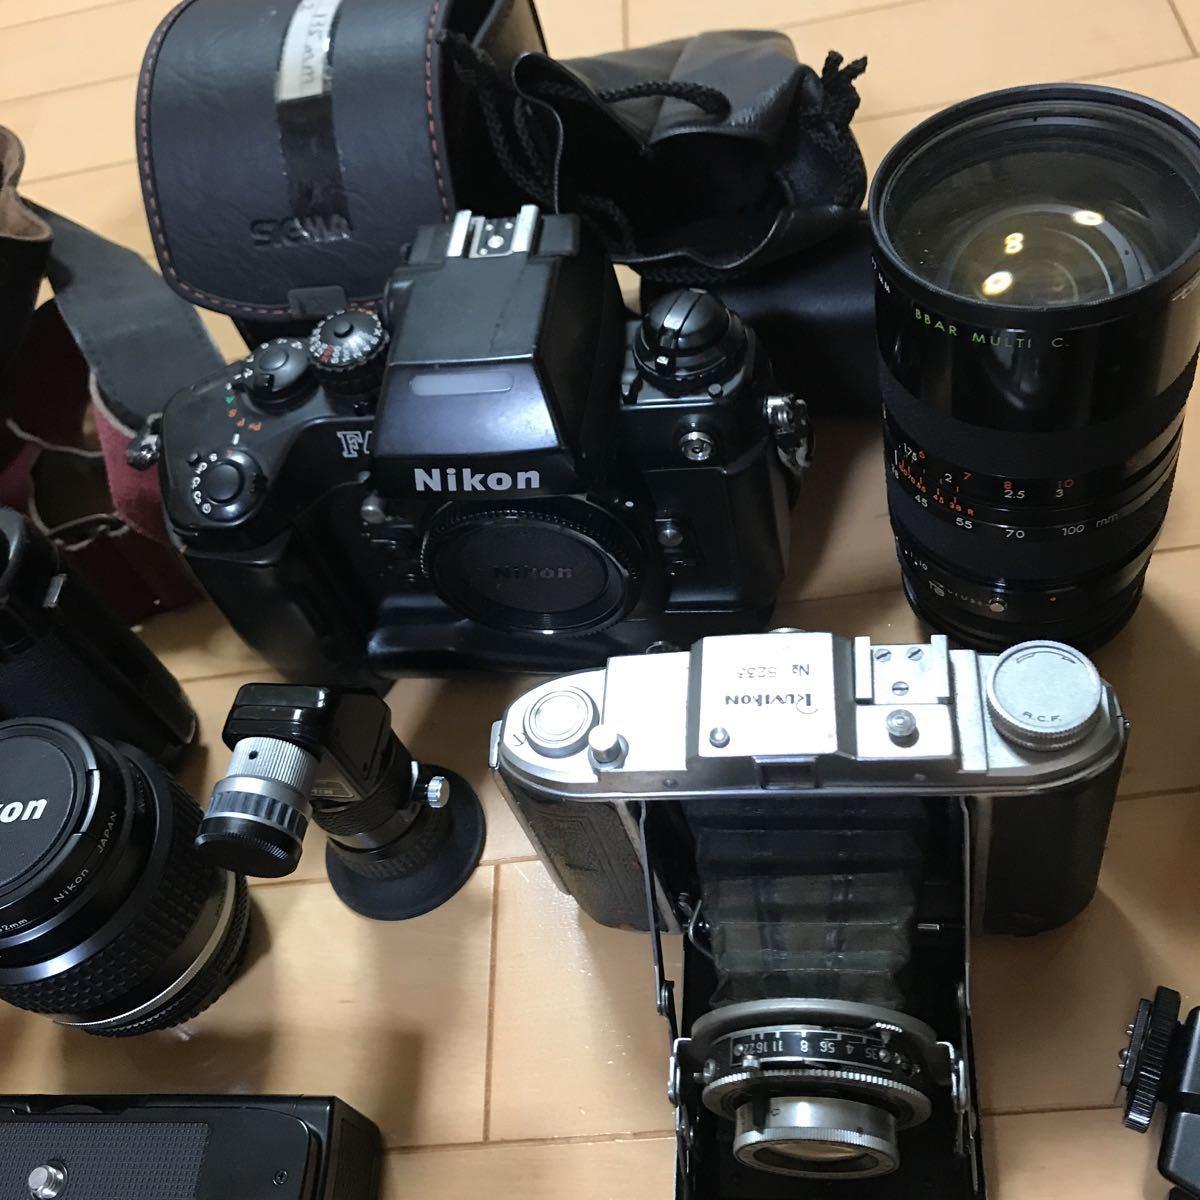 ジャンク ニコン ペンタックス など フィルムカメラ レンズ 色々 いろいろ_画像4